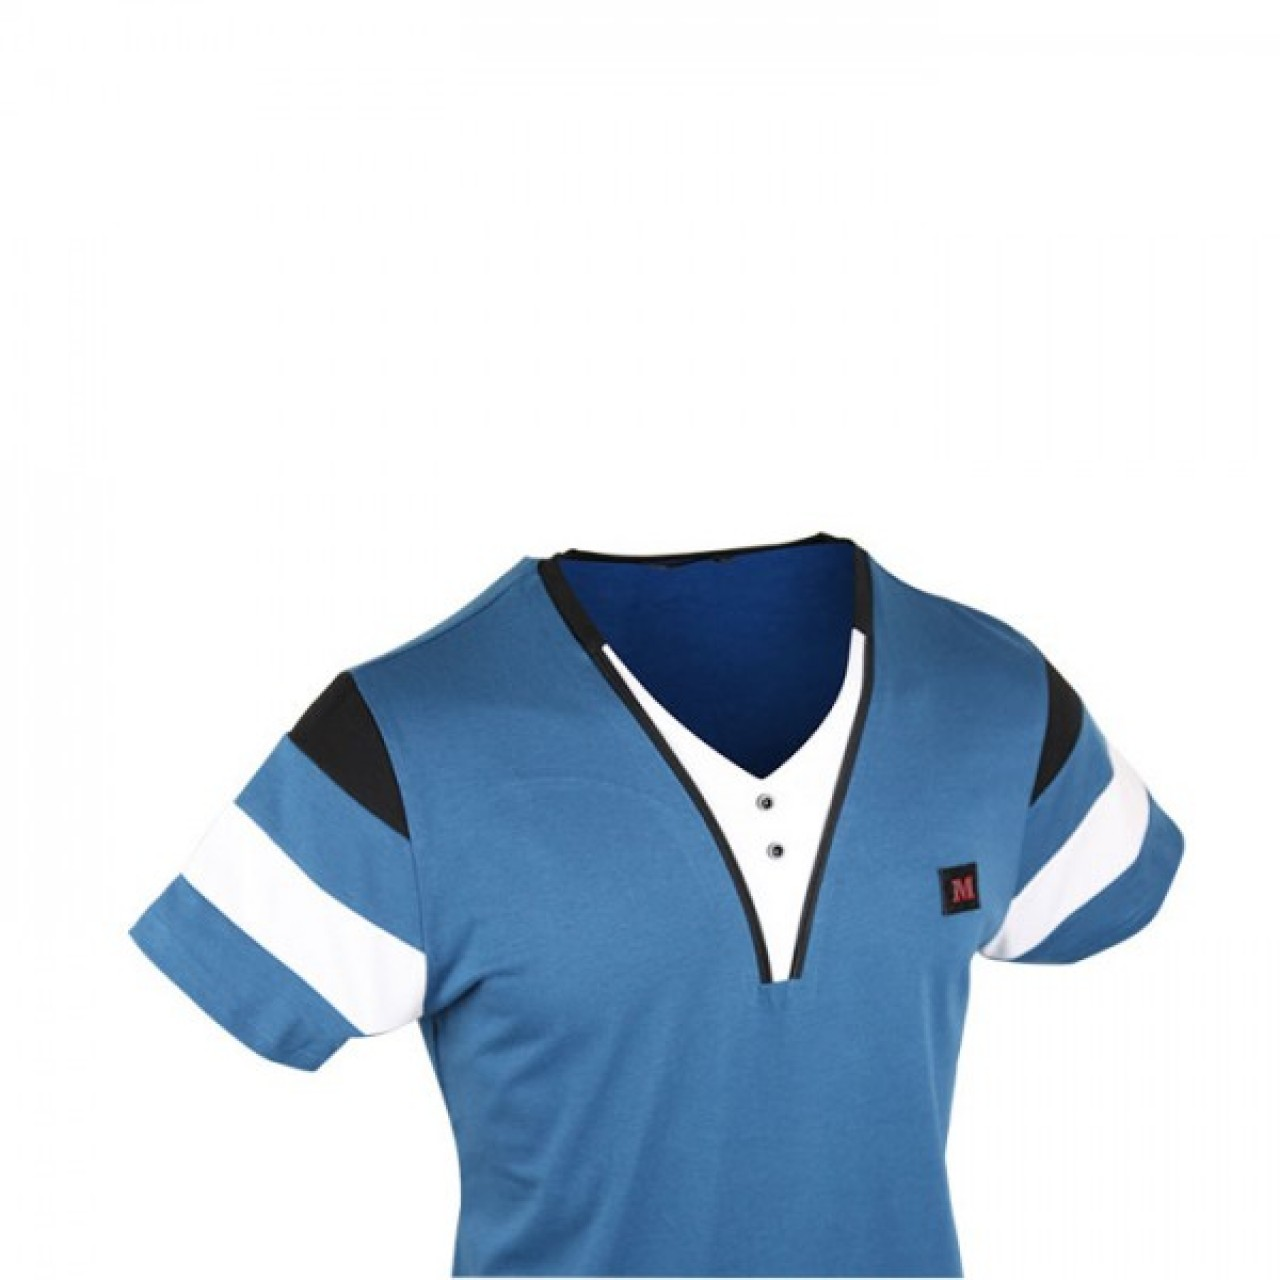 Men's Stylish Short Sleeve Polo Shirt - White/Blue